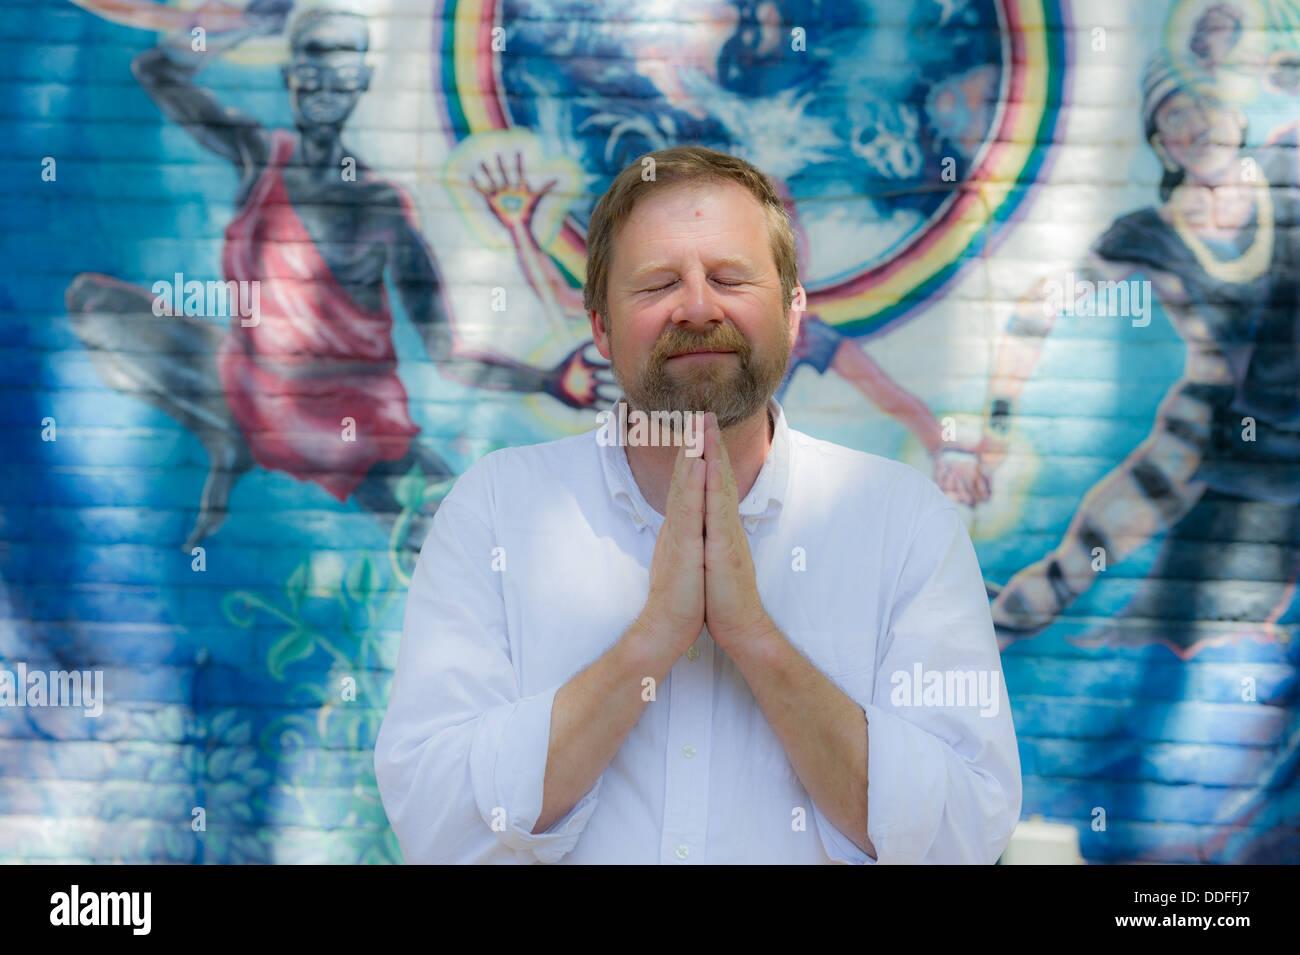 L'uomo meditando infront di Centro per la nuova età Poster Sedona, in Arizona Immagini Stock